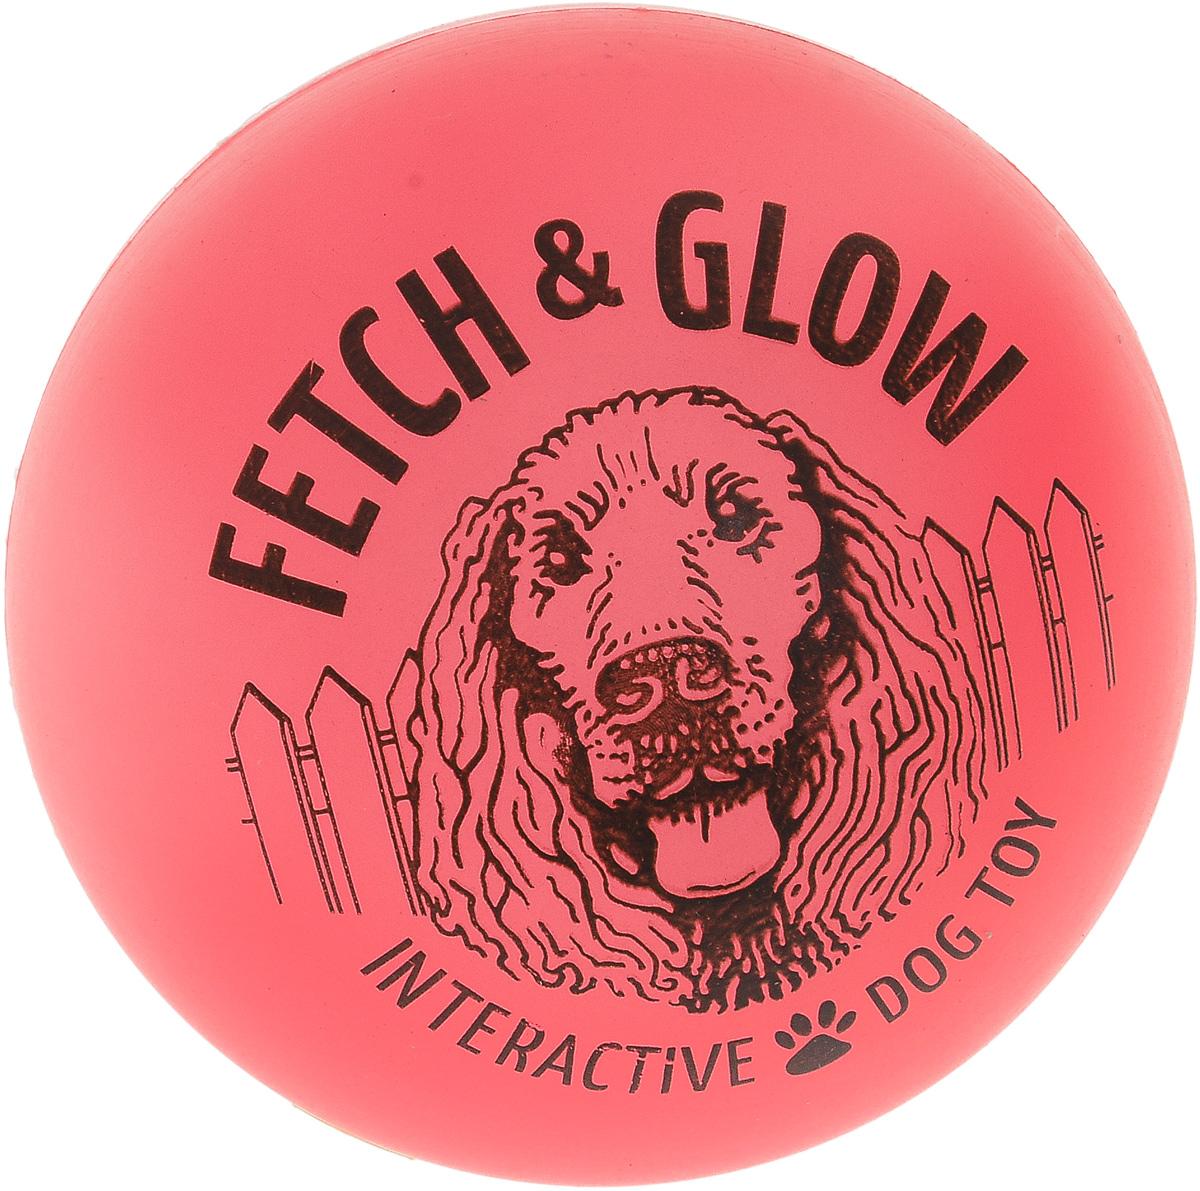 Светящийся мяч, красный (светится при ударе)6054Вы теряете собачьи игрушки на прогулках в темное время суток? Ваша собака зашла в кусты и вечером ее плохо видно? Теперь есть решение этих проблем! Аксессуары для собак компанииAmerican Dog Toys светятся в темноте!